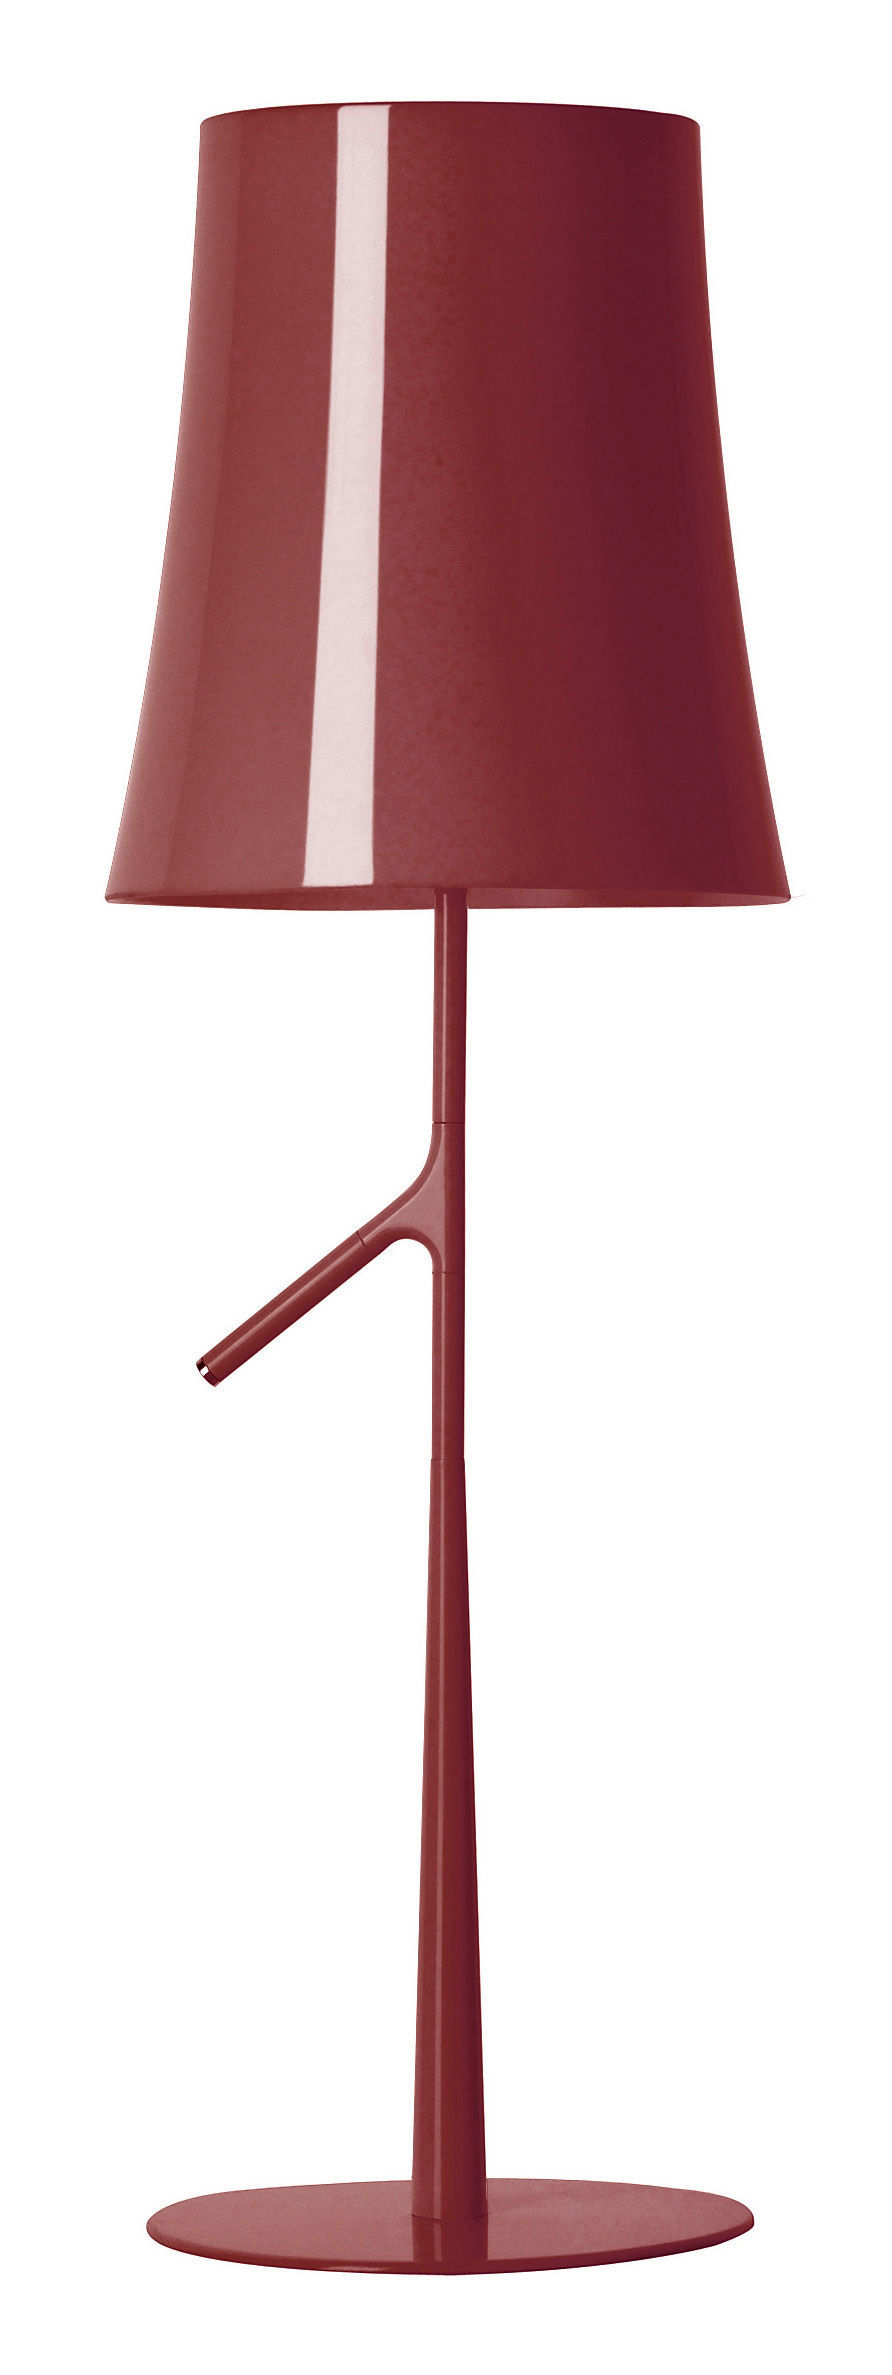 Illuminazione - Lampade da tavolo - Lampada da tavolo Birdie Grande - A 70 cm di Foscarini - Amaranto - Acciaio laccato, policarbonato